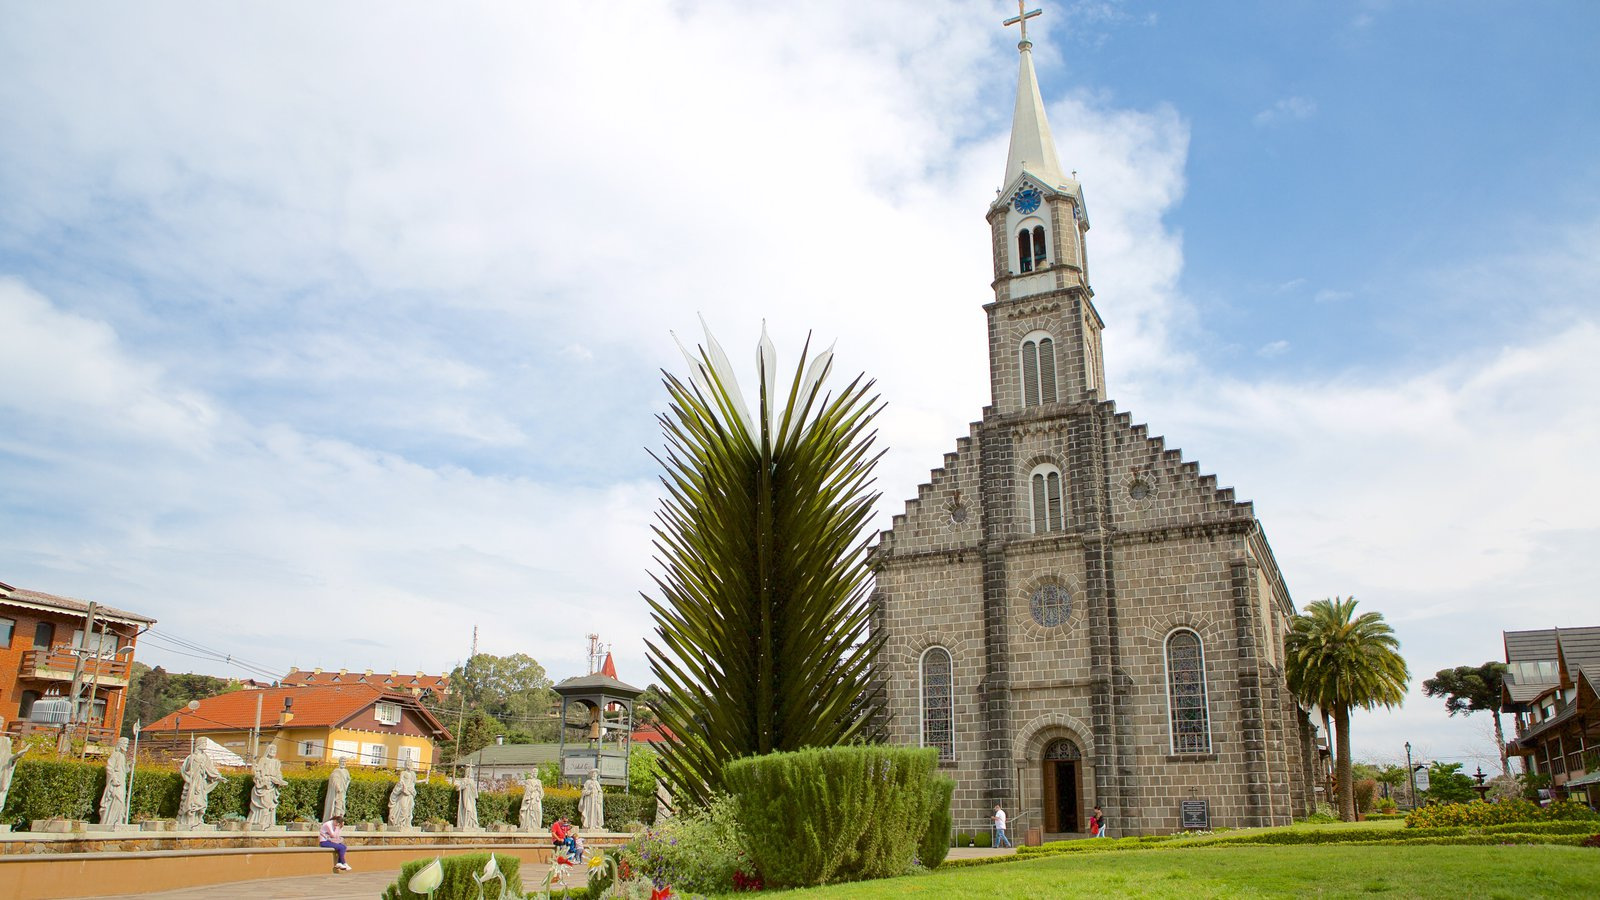 Paróquia de São Pedro Apóstolo caracterizando uma igreja ou catedral, um parque e aspectos religiosos